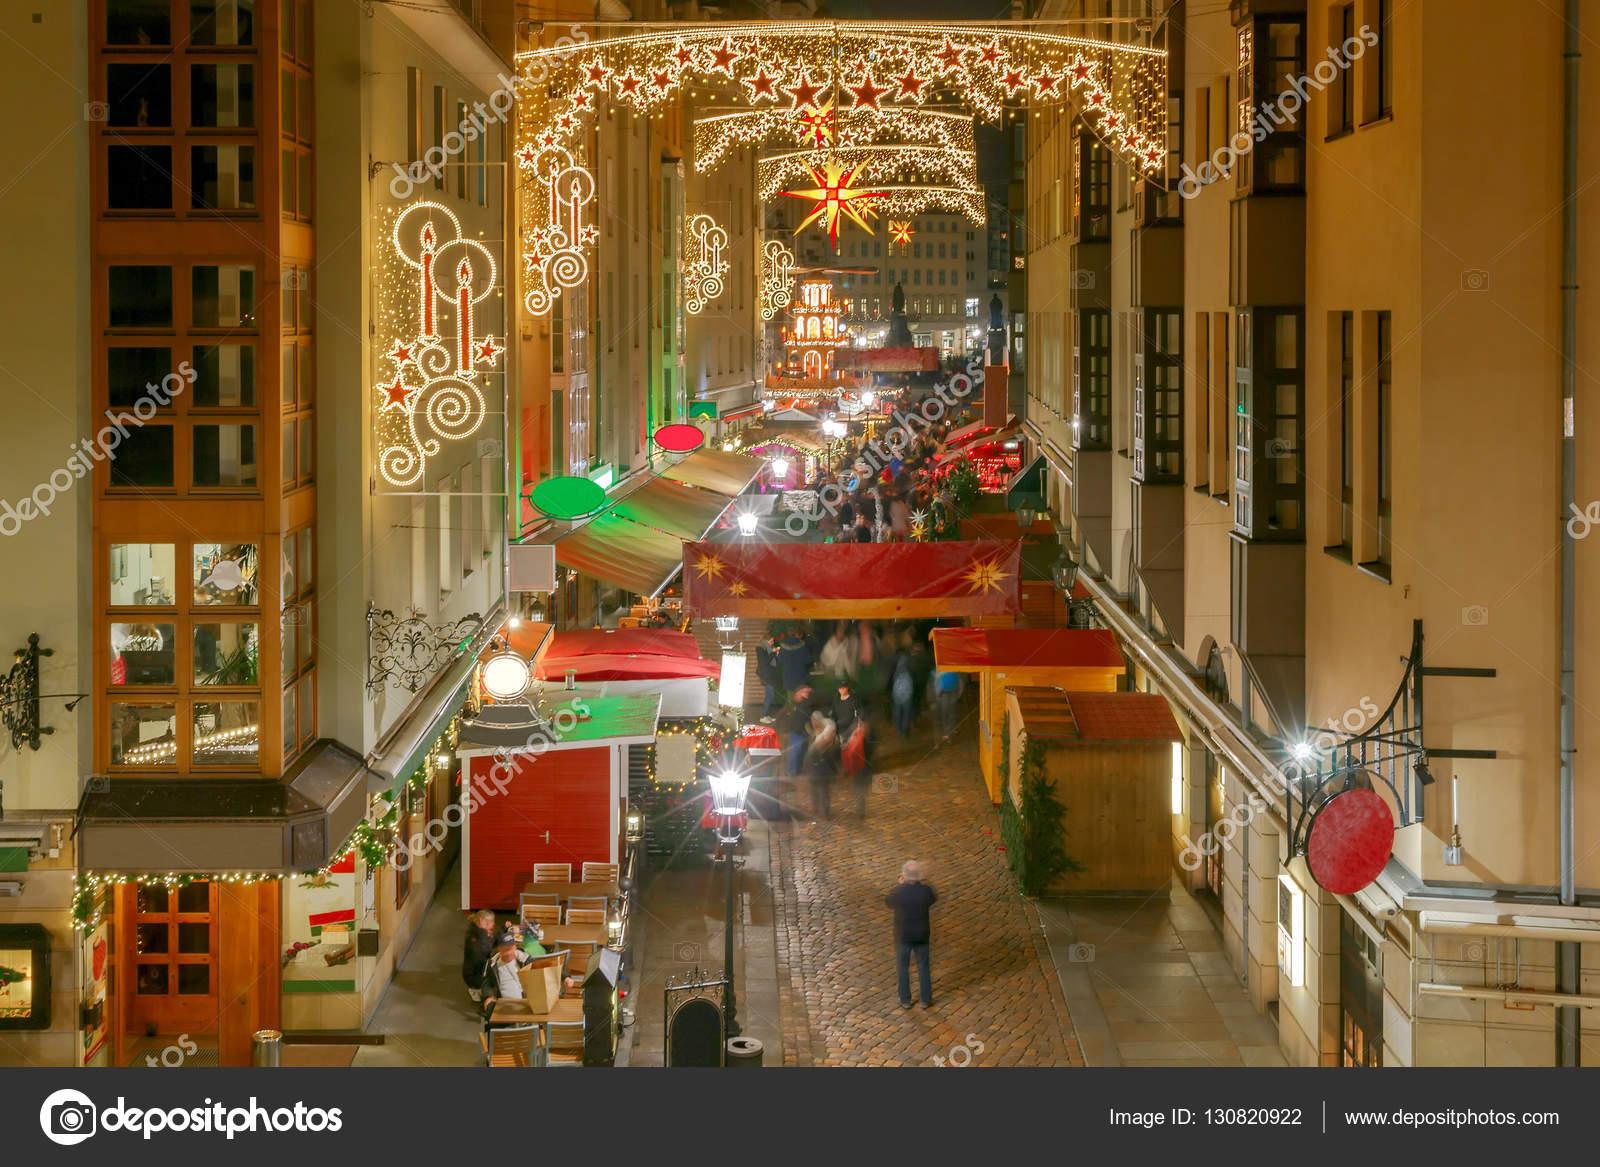 Dresden Weihnachten.Dresden Weihnachten Straße Stockfoto Pillerss 130820922